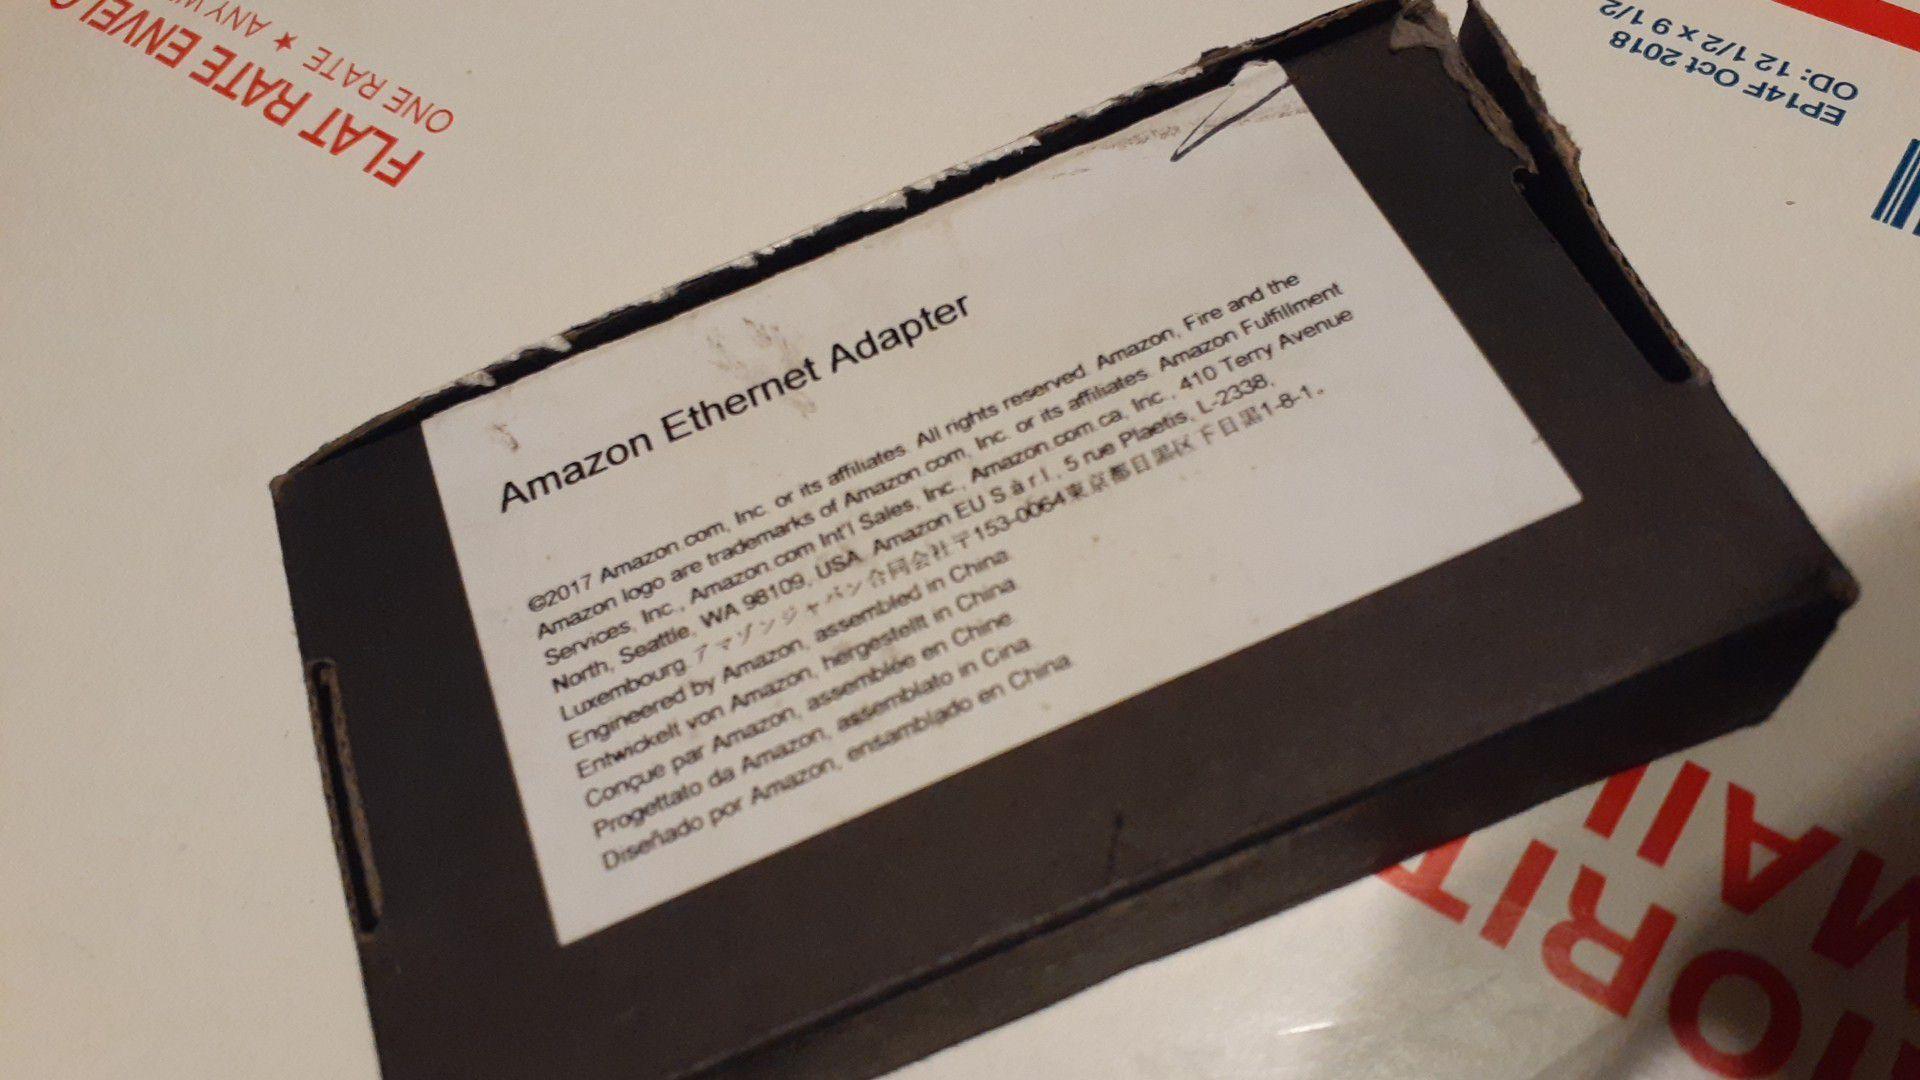 Amazon ethernet adapter